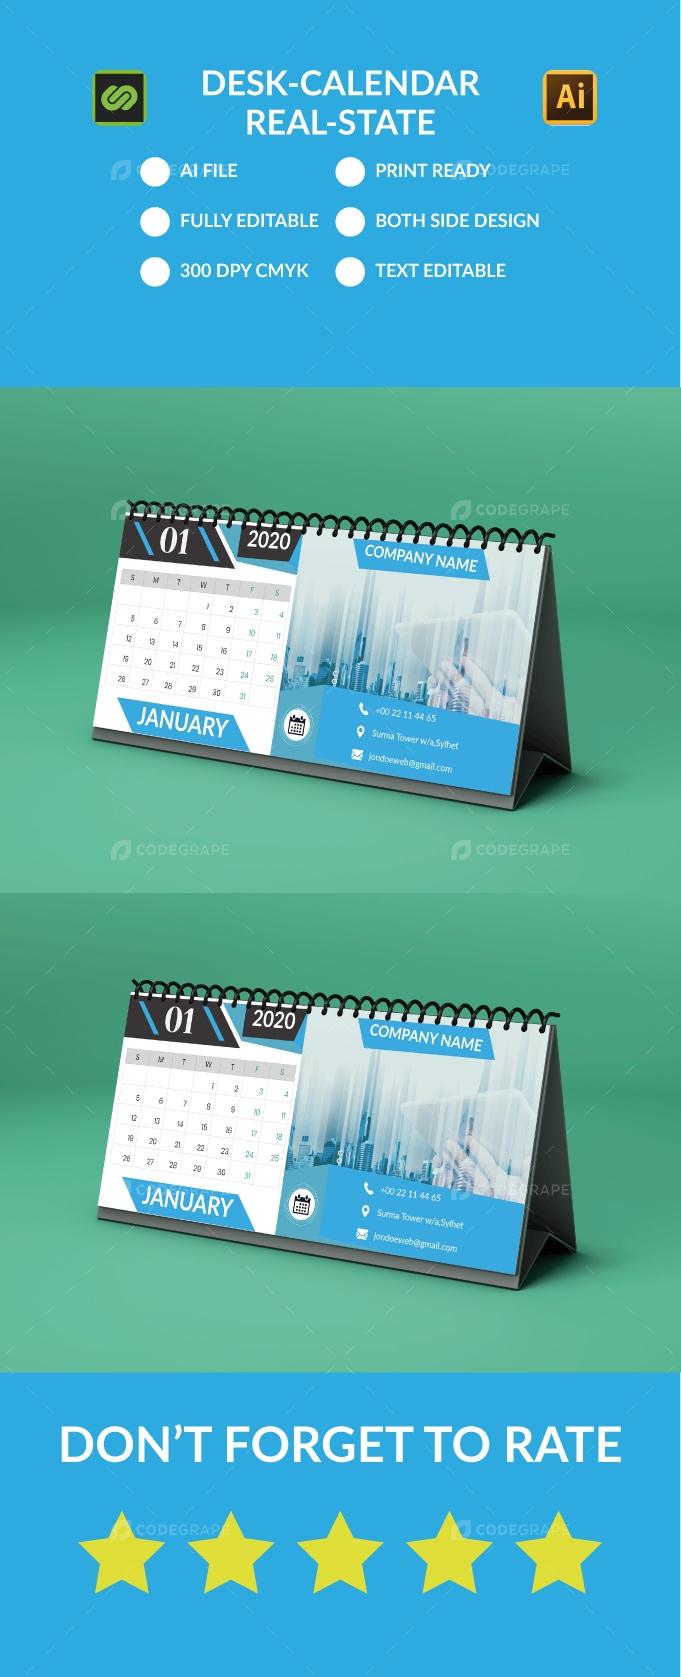 Desk-Calendar 2020